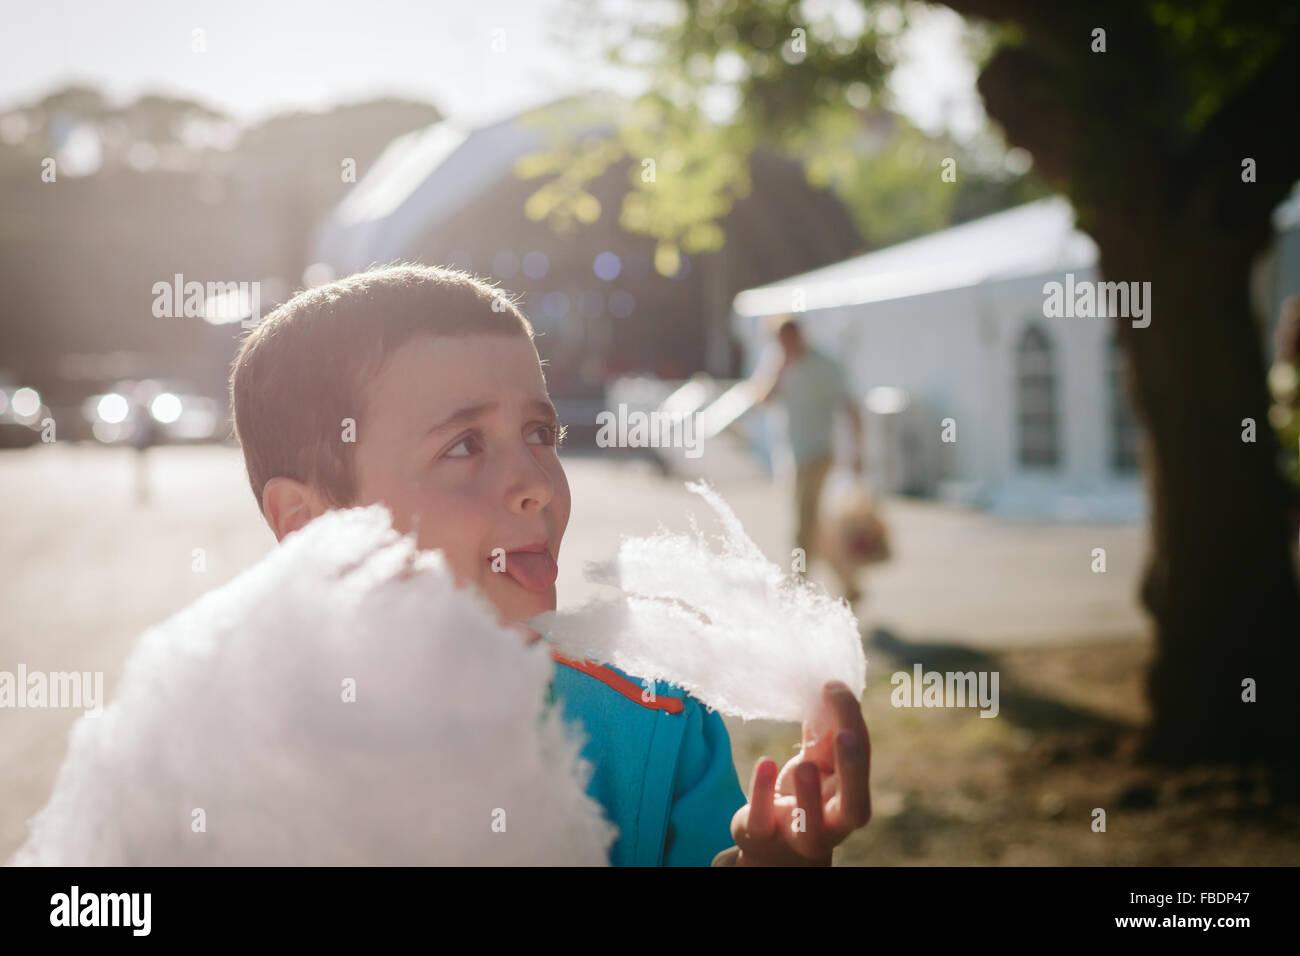 Boy comiendo golosinas en día soleado Imagen De Stock